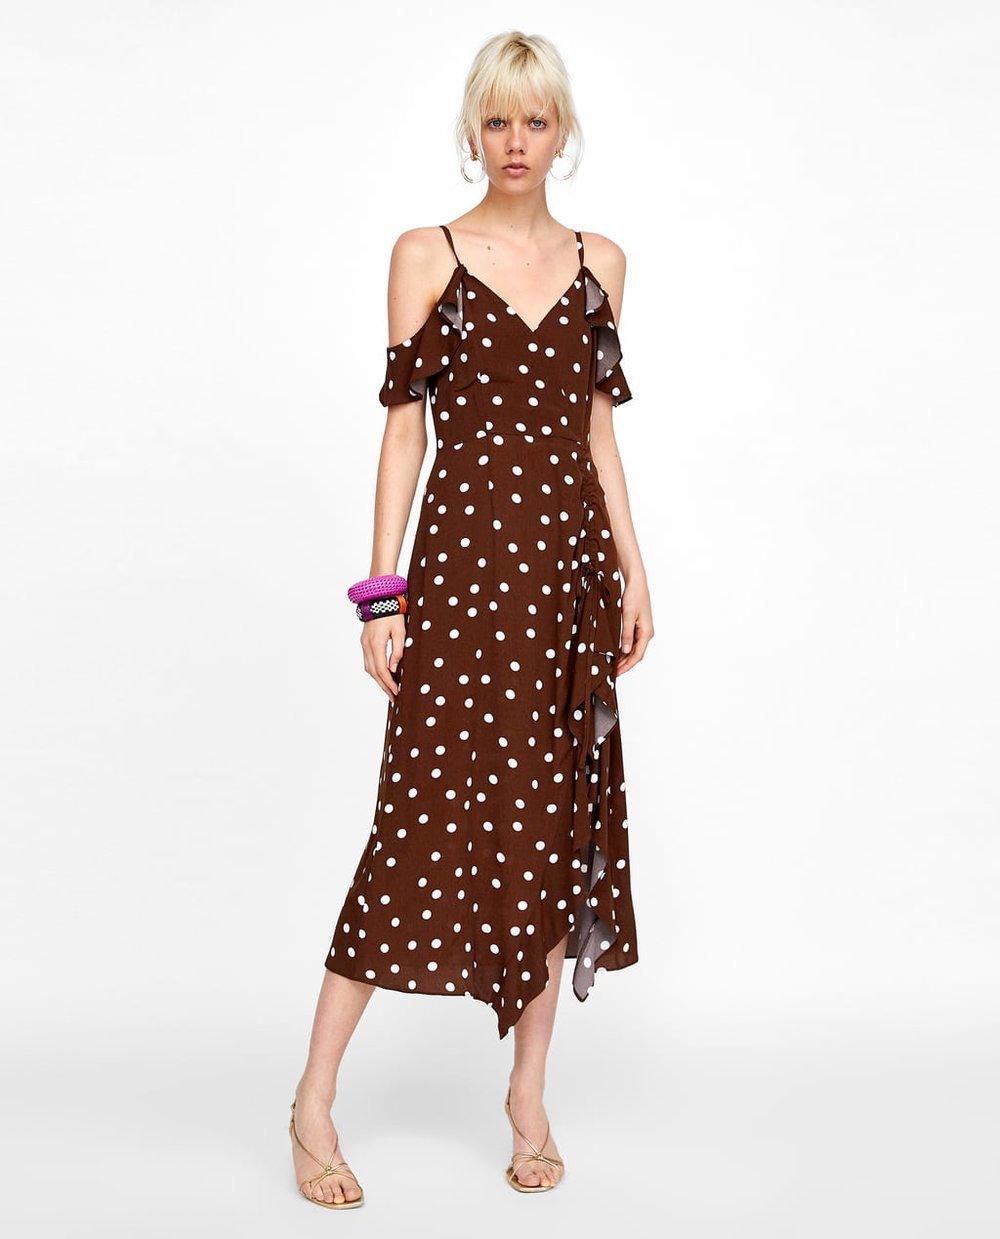 Zara Brown Polka Dot Dress.jpg